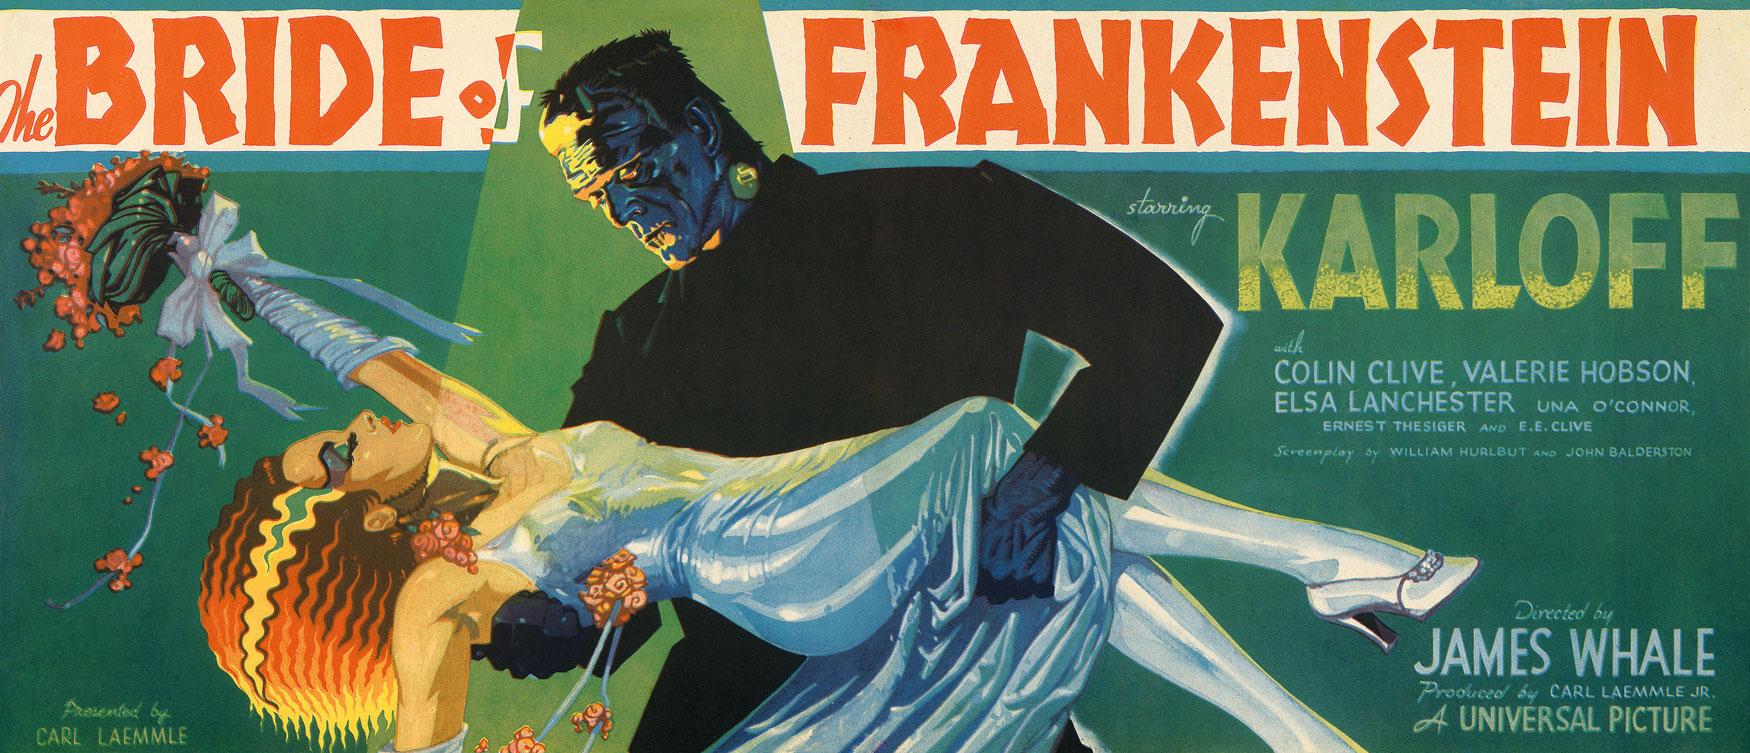 Kirk Hammett's It's Alive - Bride of Frankenstein Poster